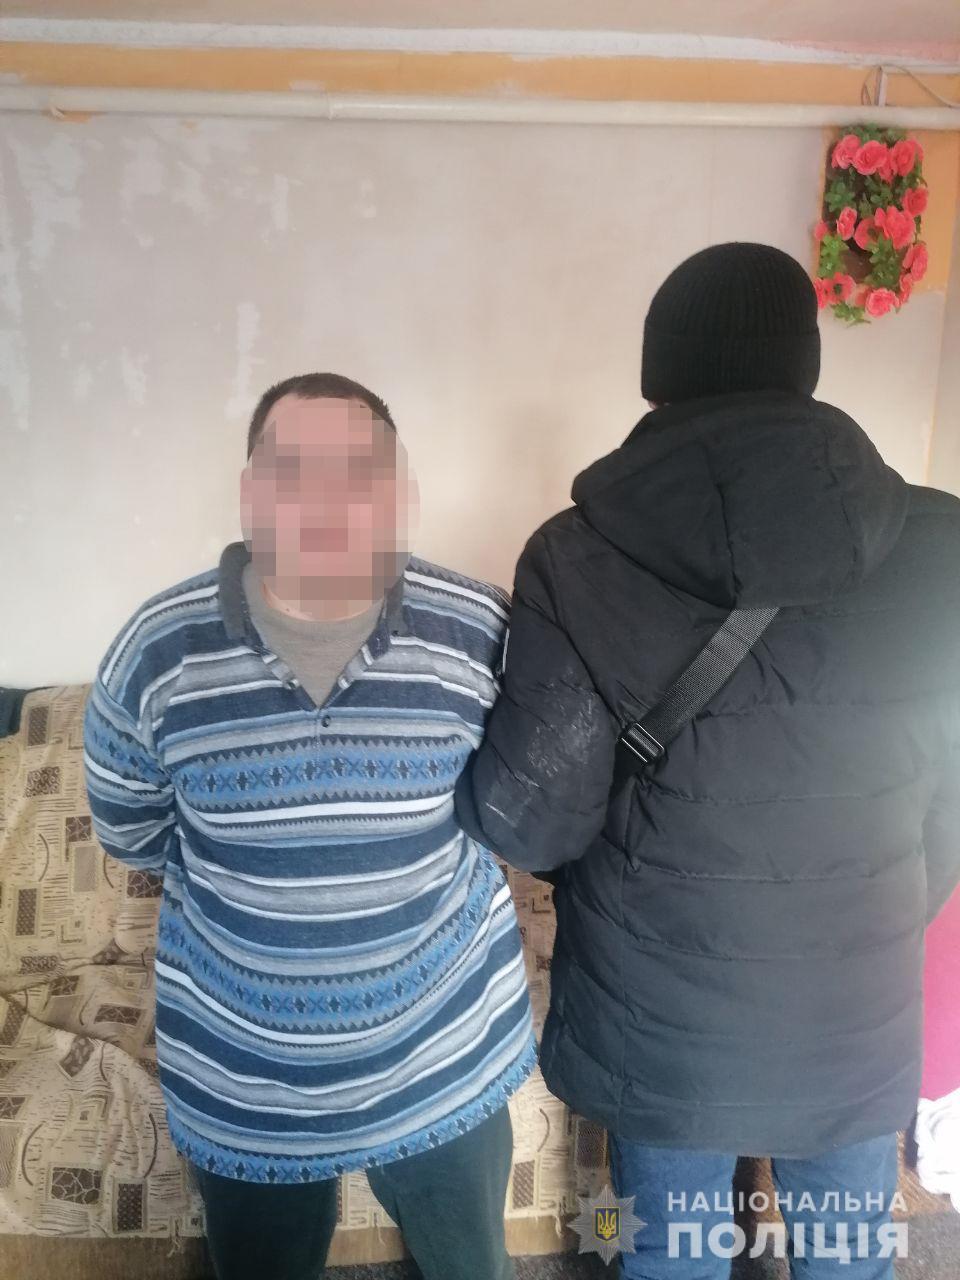 Втрачали свідомість та цінні речі: у Києві затримали підозрюваного у розбоях на станції метро Лісова